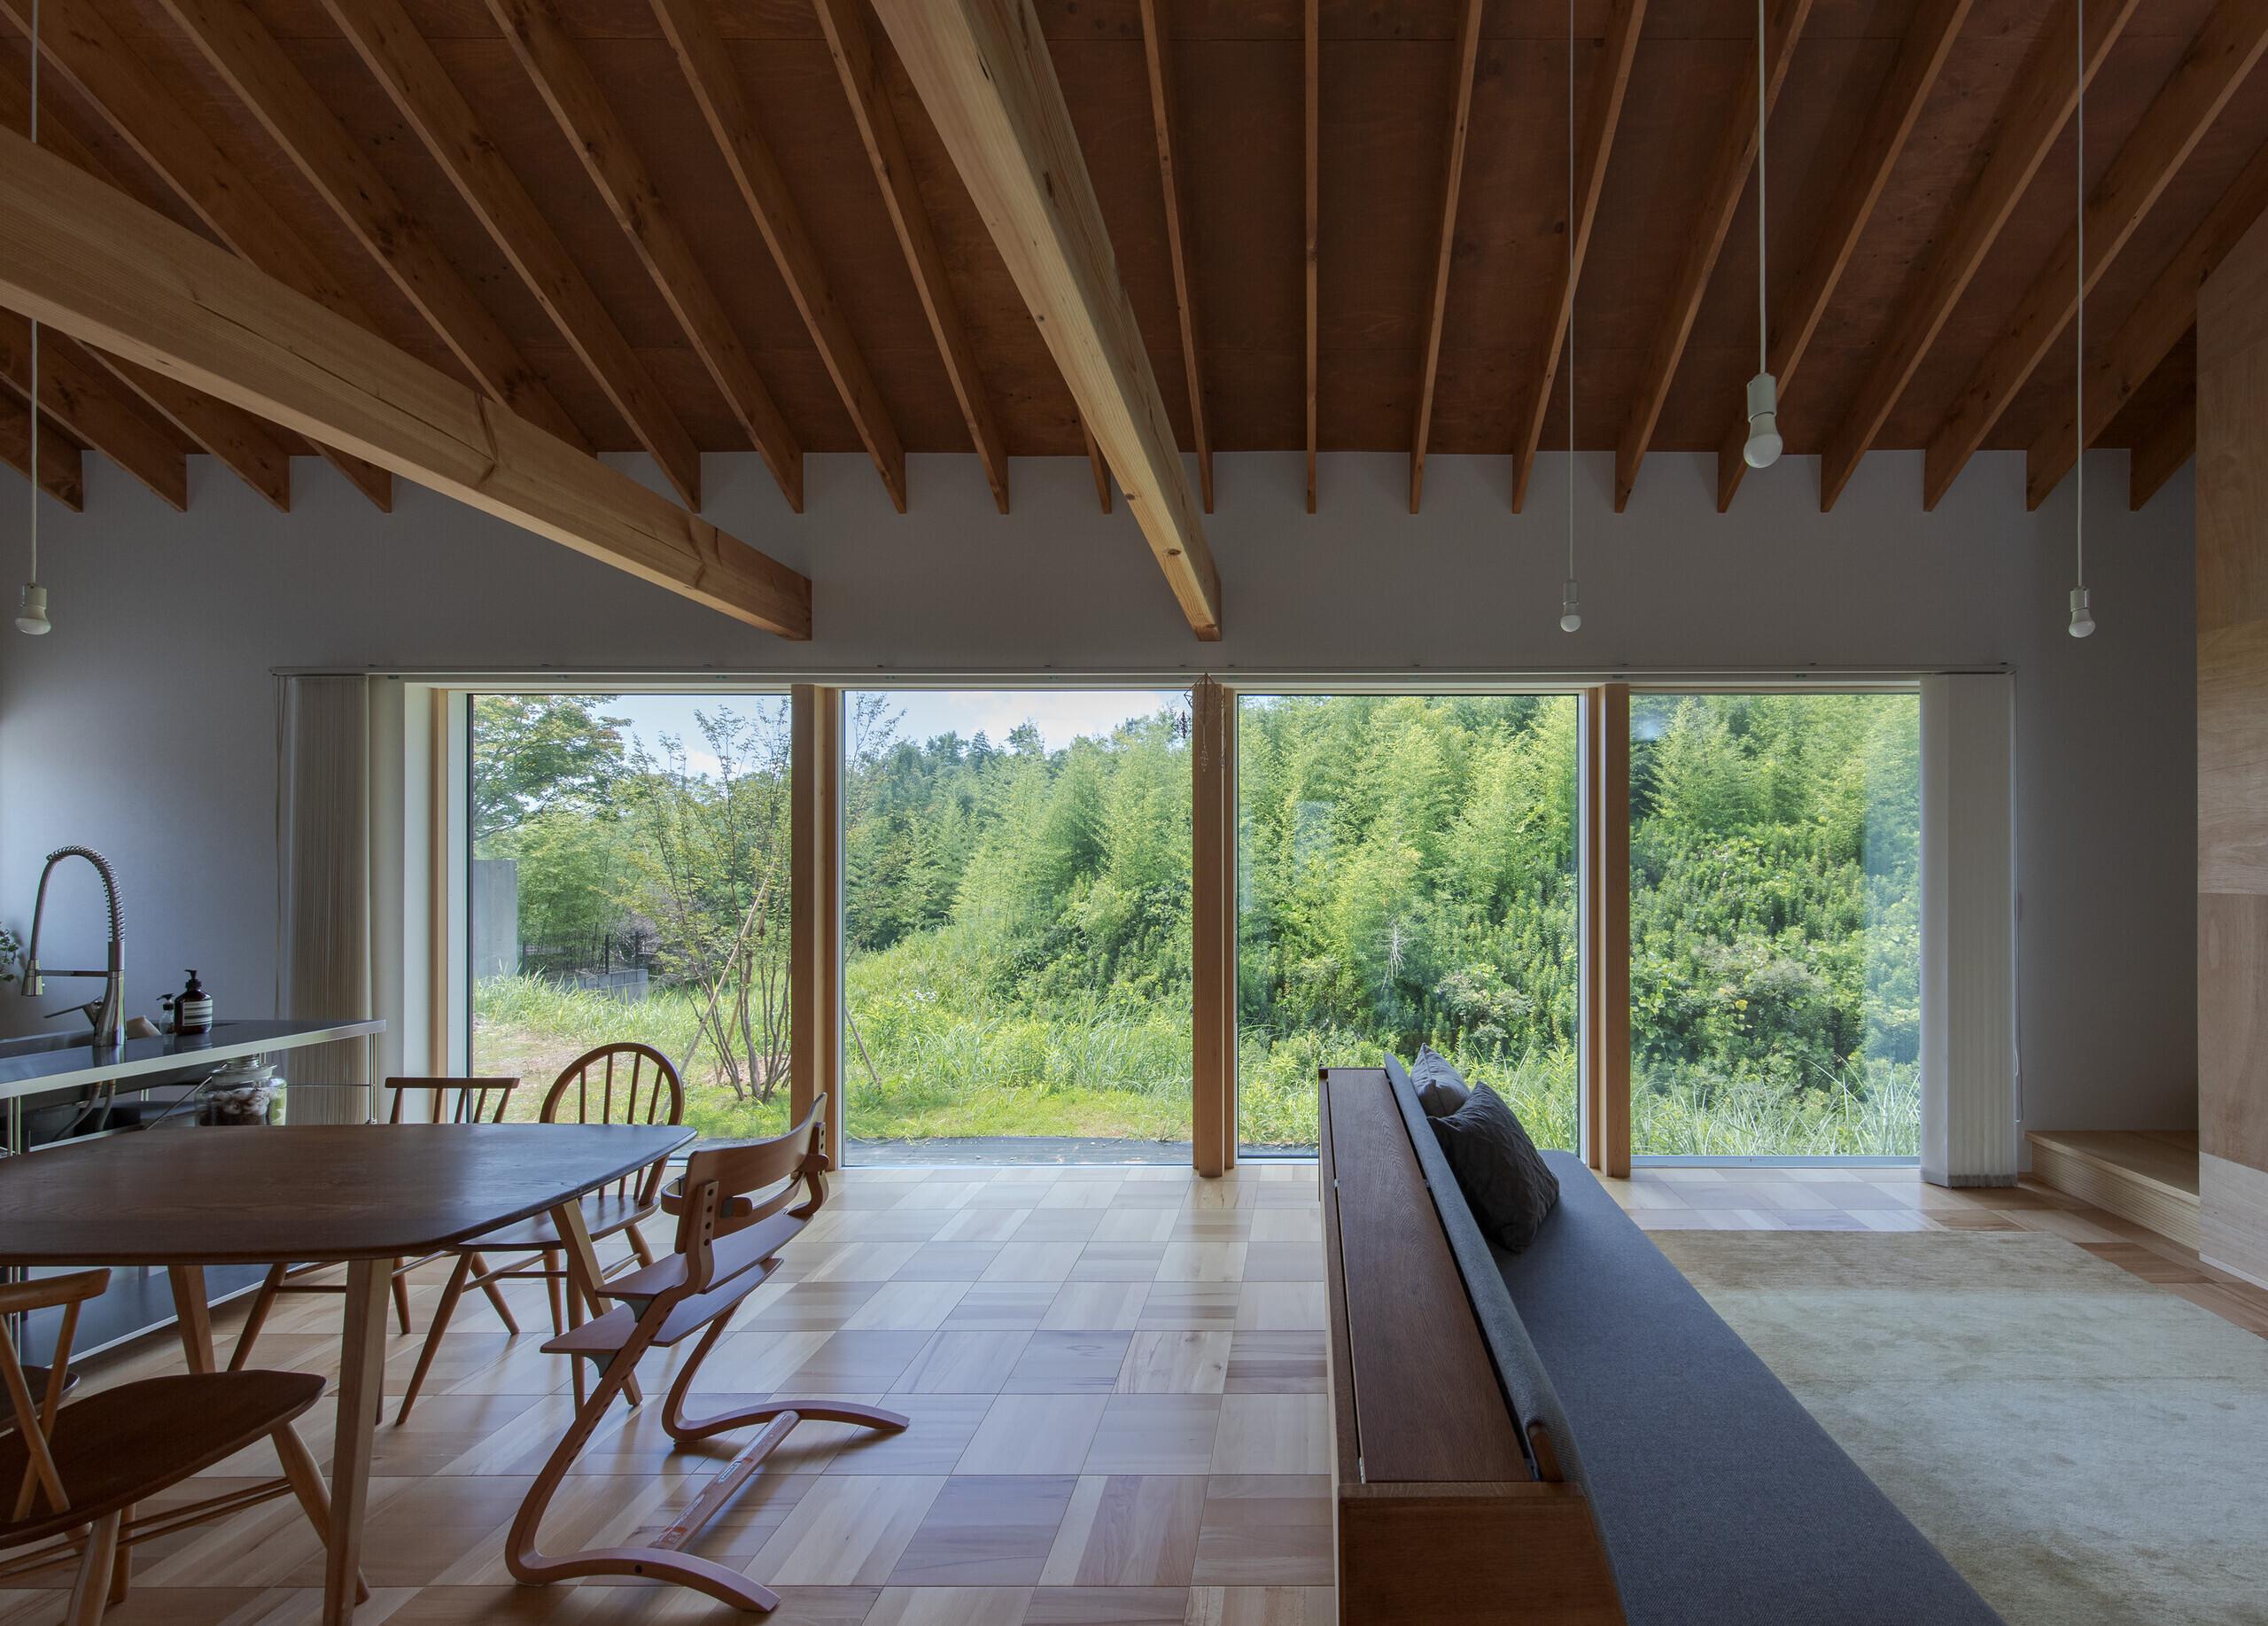 風景を受け止める大きな窓の家の建築事例写真